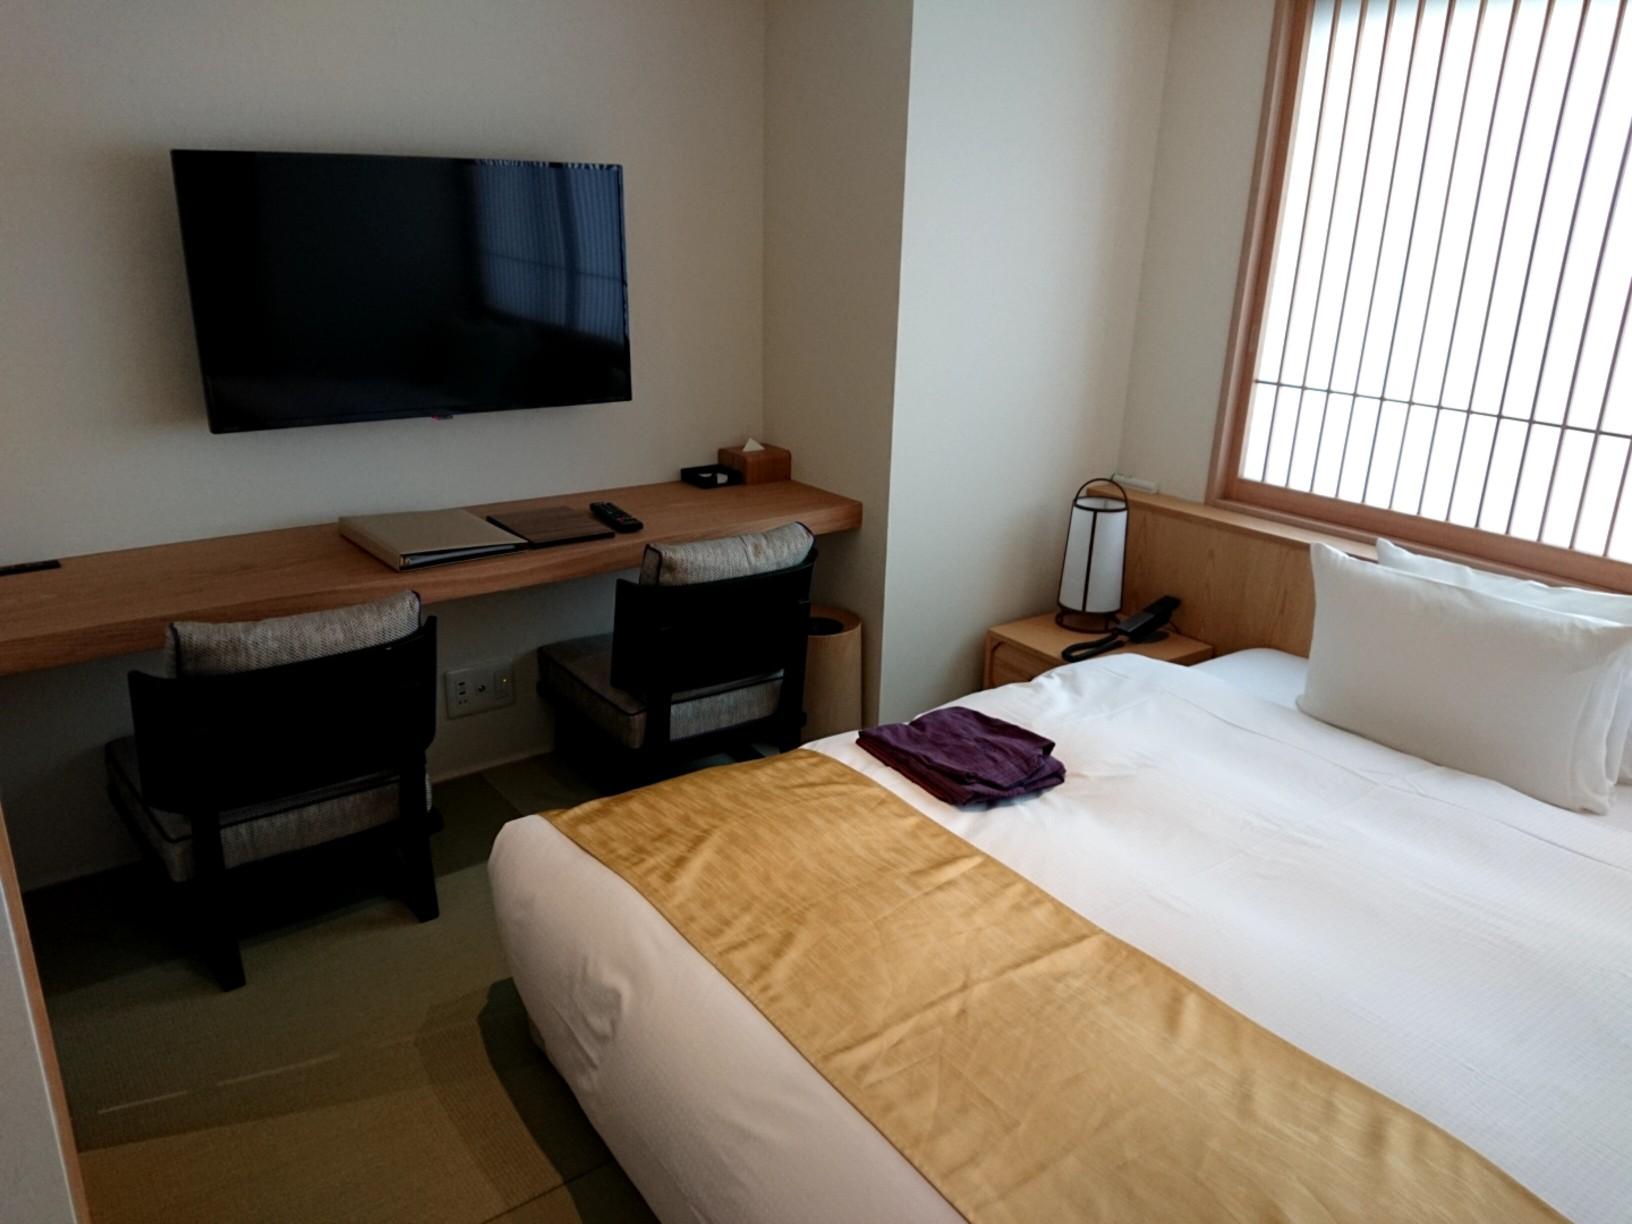 プロスタイル旅館部屋2